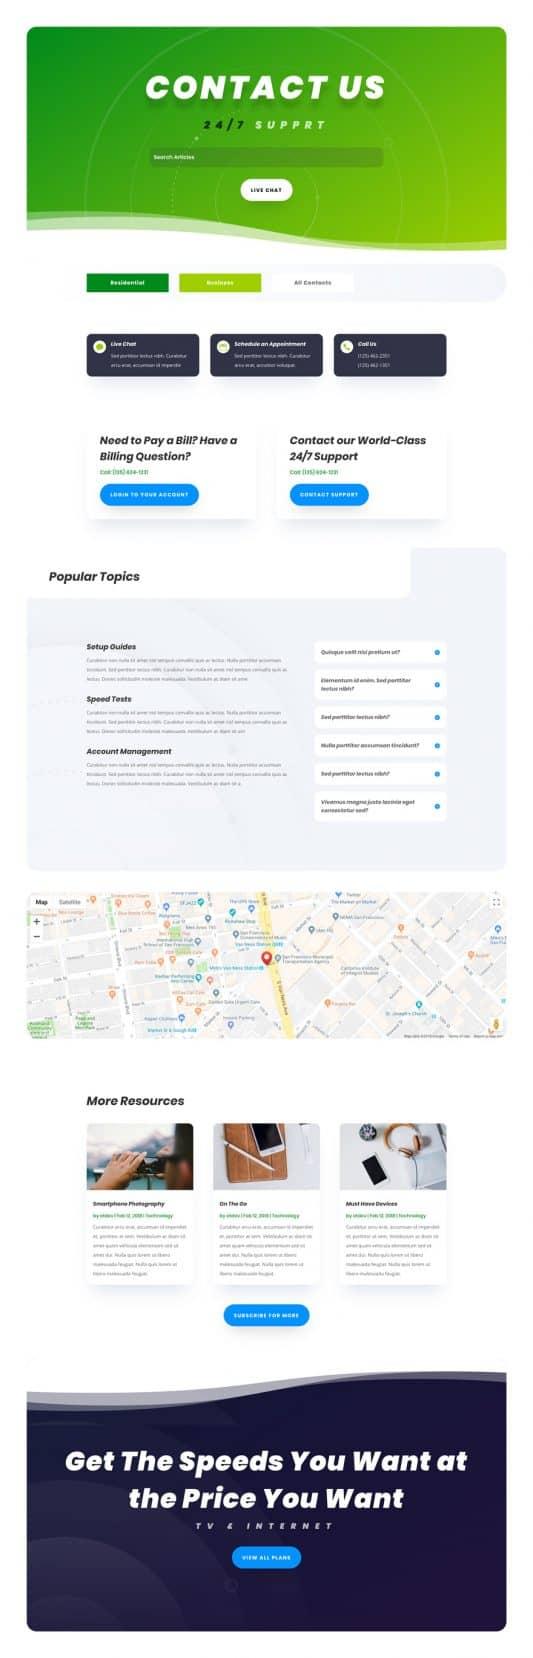 Internet Service Provider Web Design 3